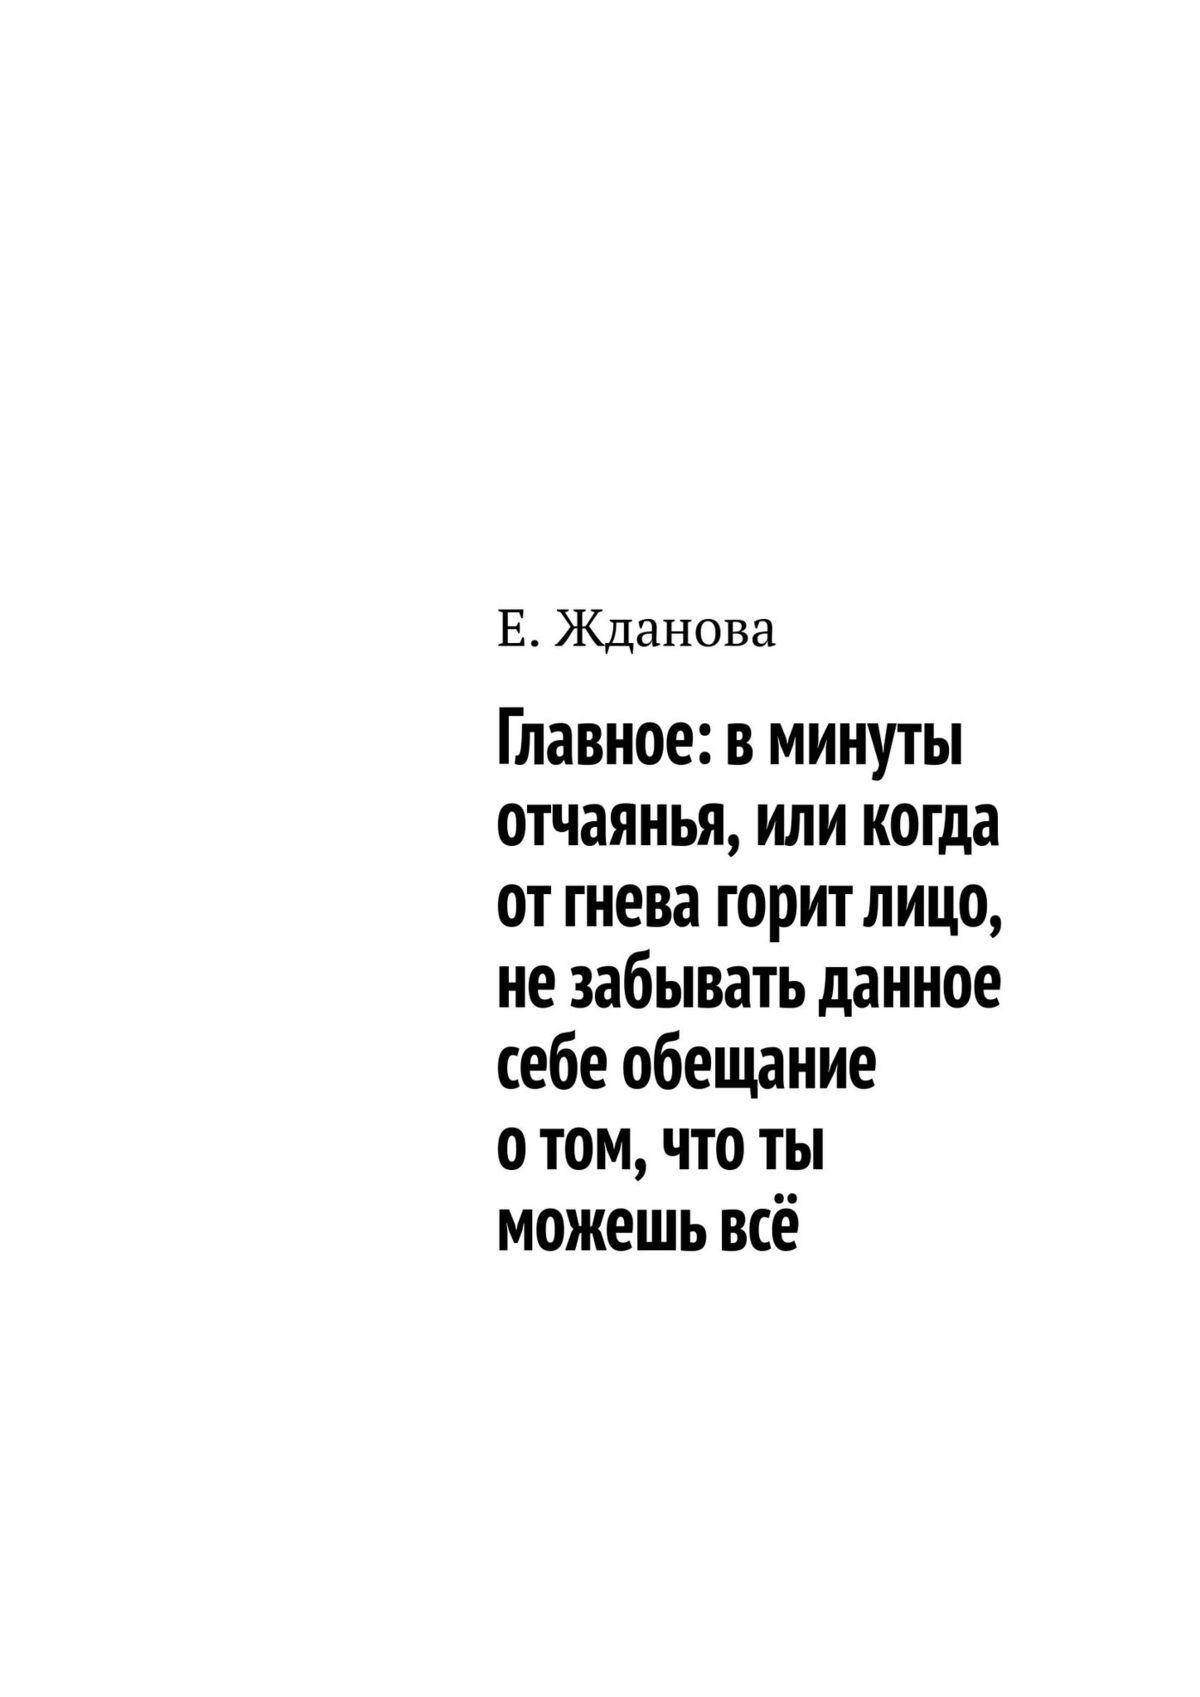 Фото - Е. Жданова Главное: вминуты отчаянья, или когда отгнева горитлицо, незабывать данное себе обещание отом, что ты можешьвсё зверев с мир вздрогнет от нашего гнева